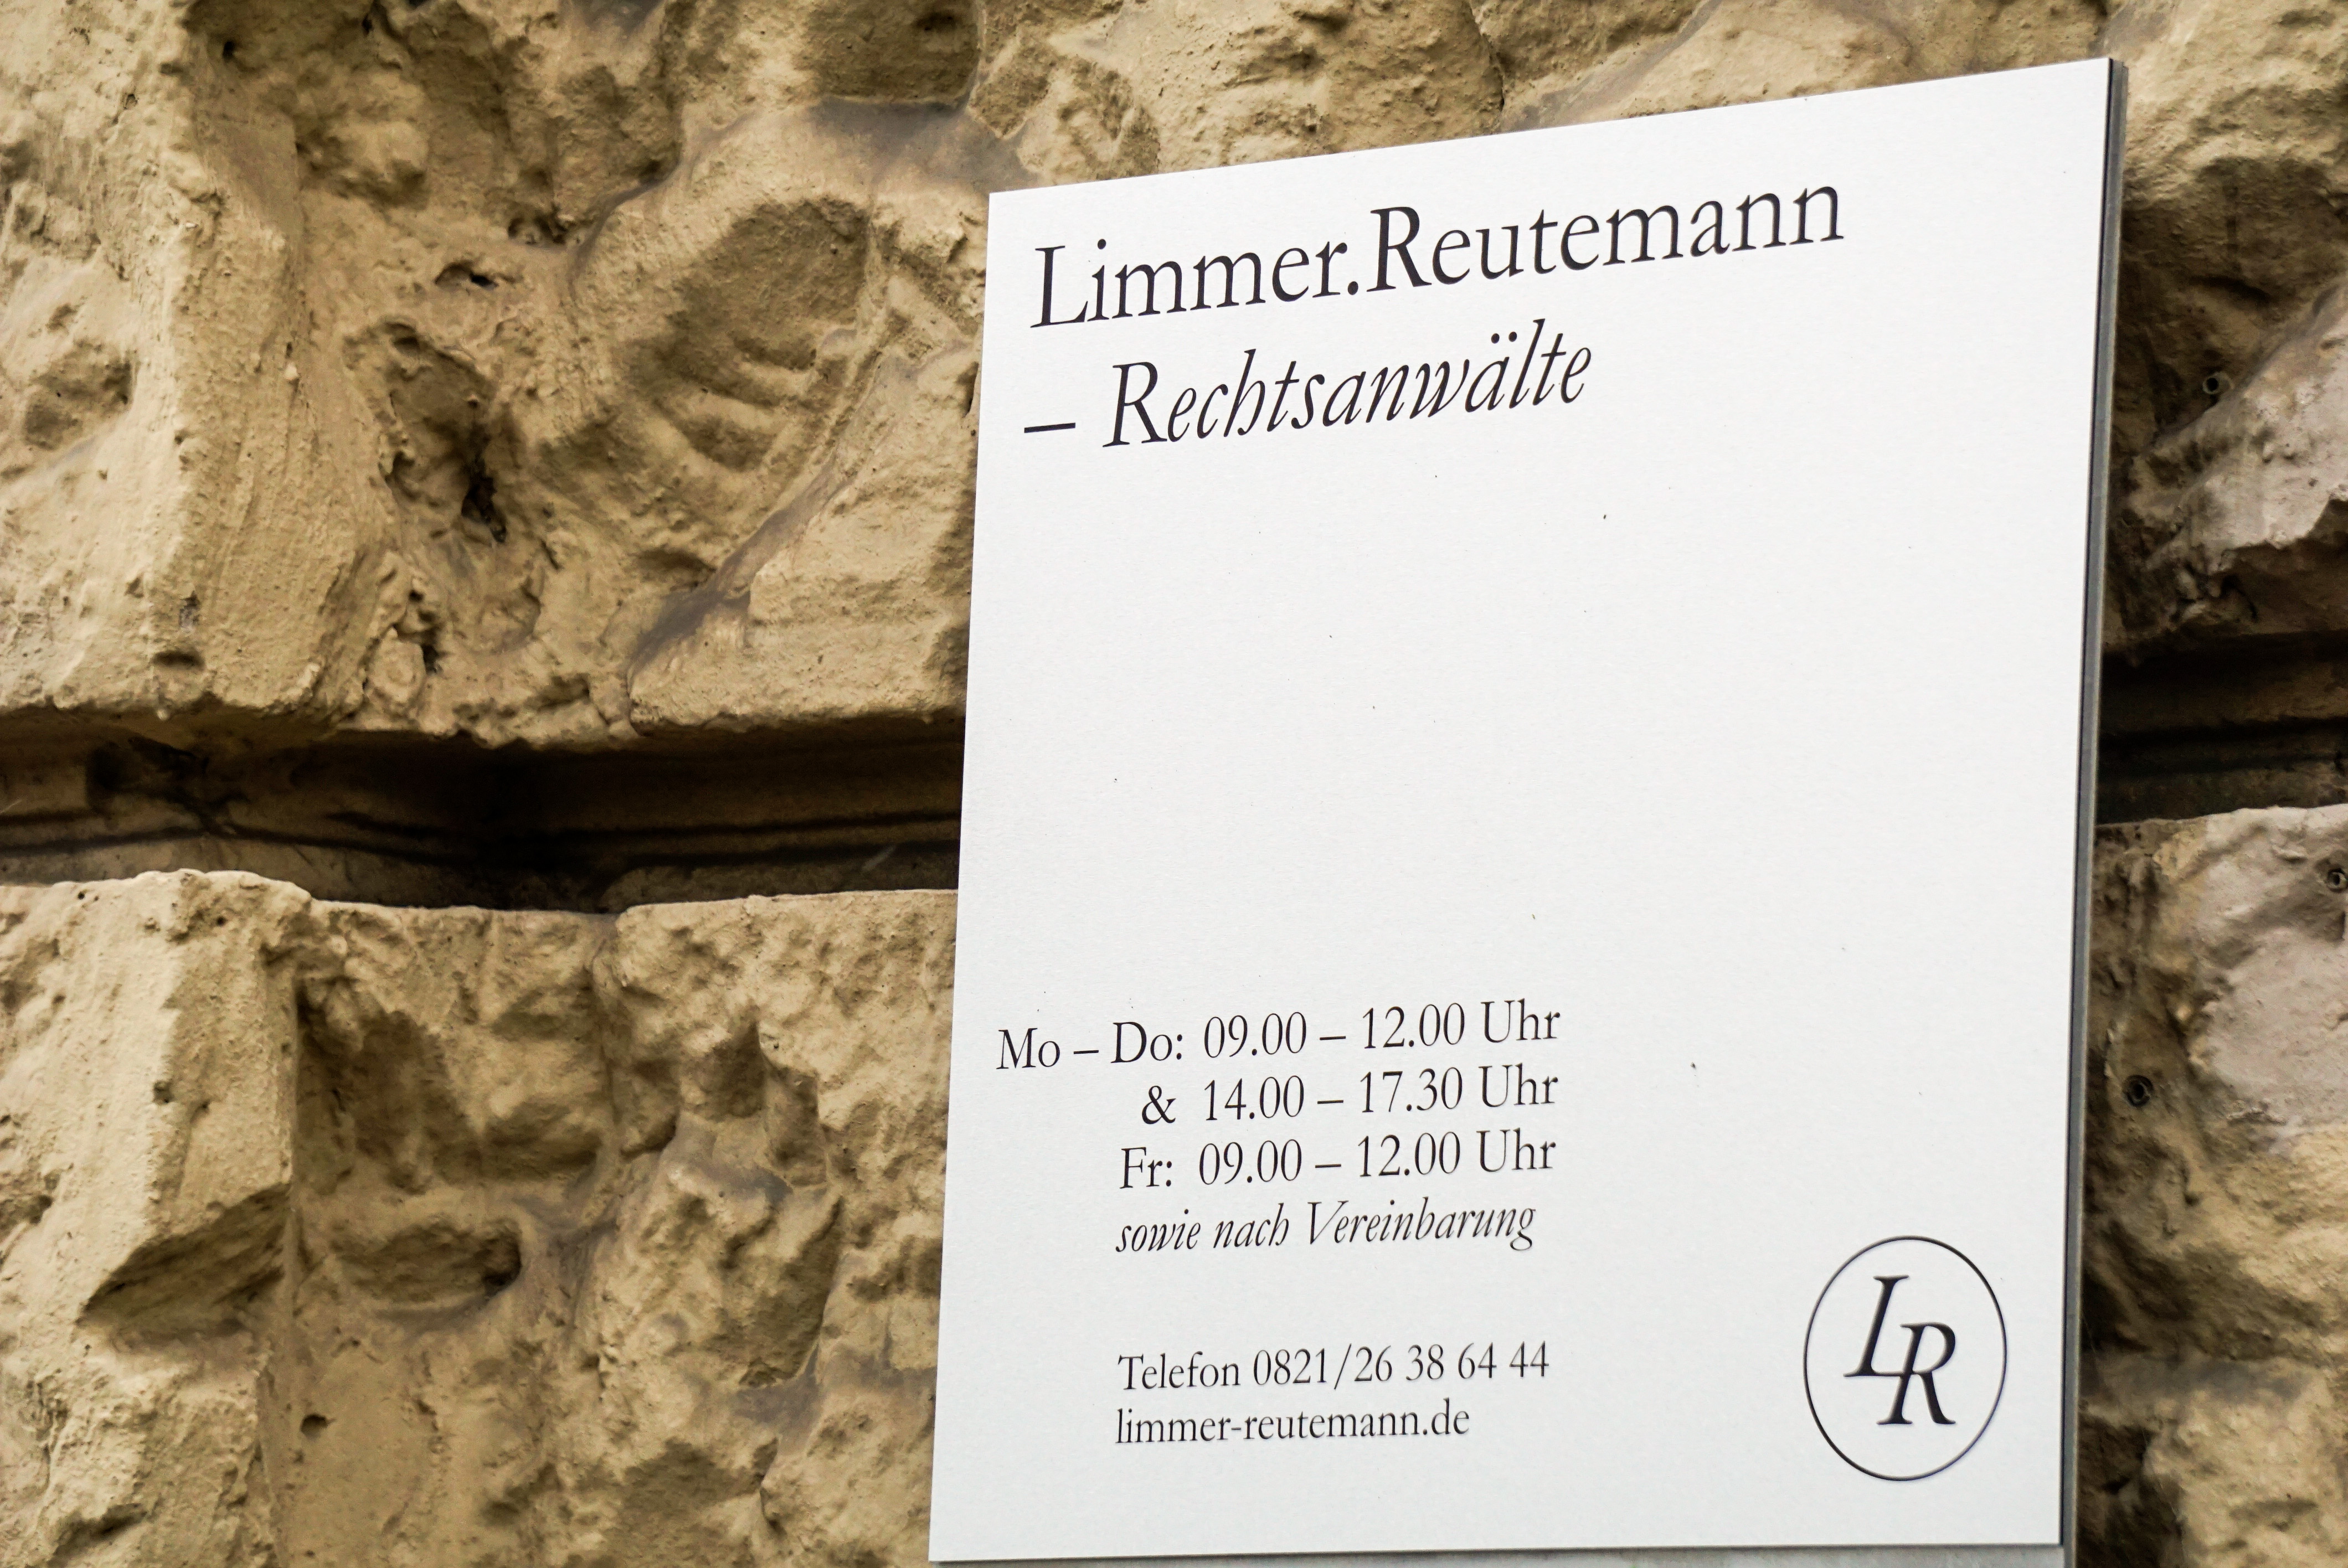 Limmer.Reutemann – Rechtsanwälte | Augsburg | Zivilrecht, Strafrecht, Verkehrsrecht & Arbeitsrecht